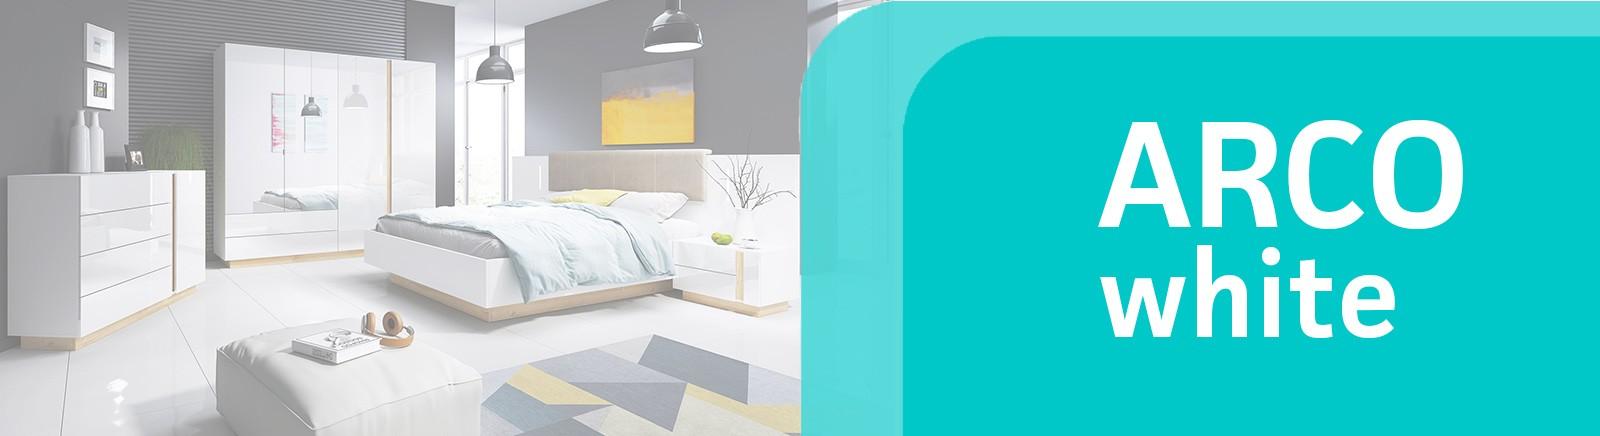 Arco white bedroom set